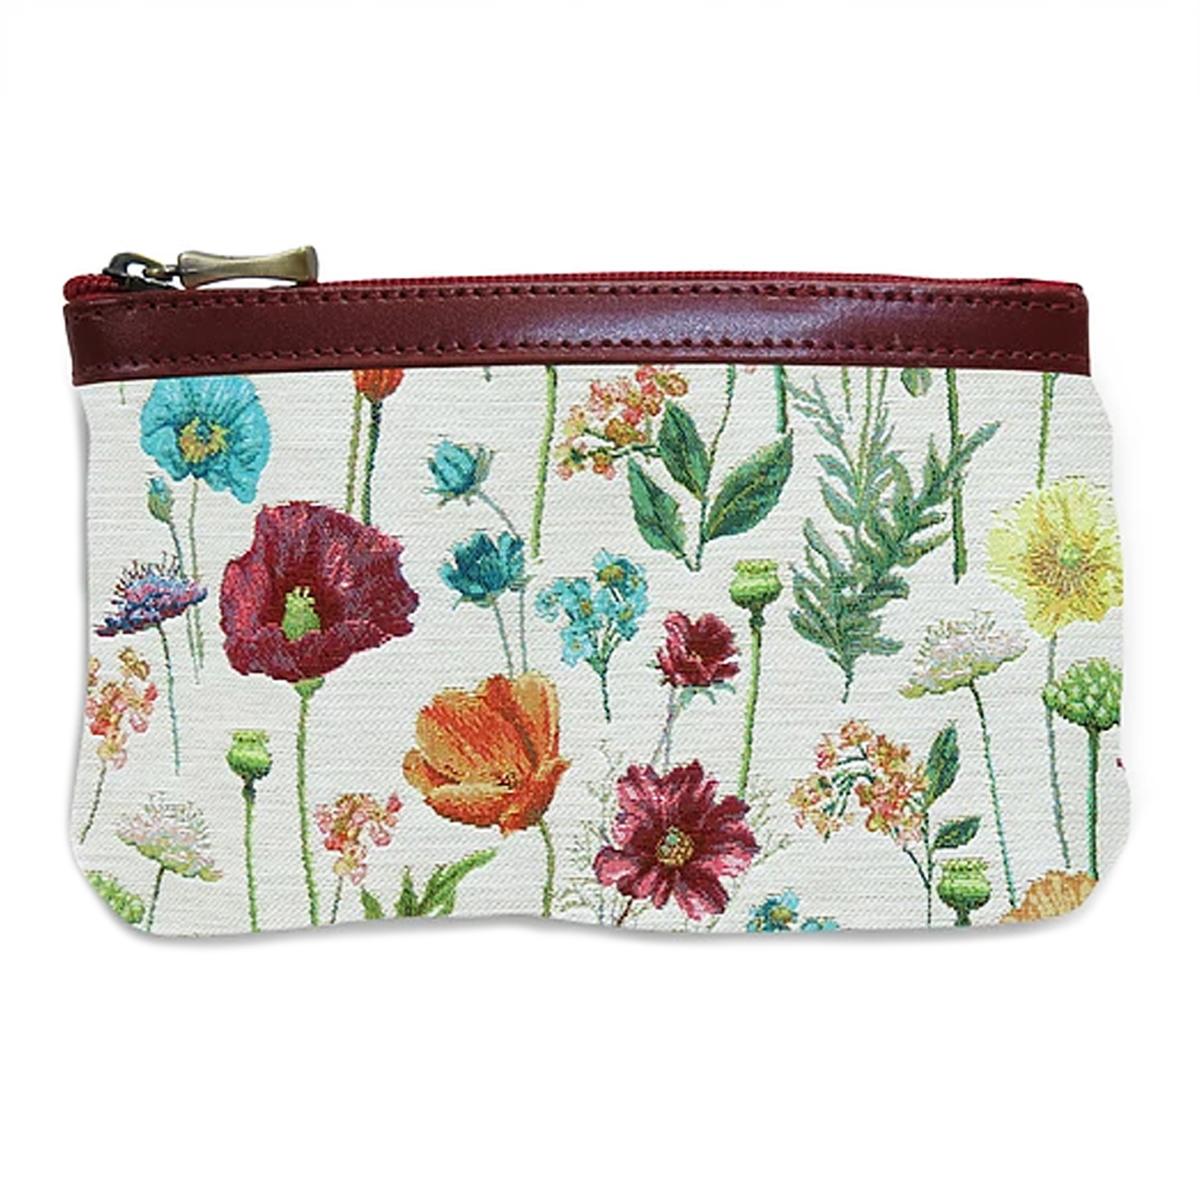 Pochette trousse artisanale \'Royal Tapisserie\' blanc multicolore (fleurs des champs) - 14x10x2 cm - [Q6371]